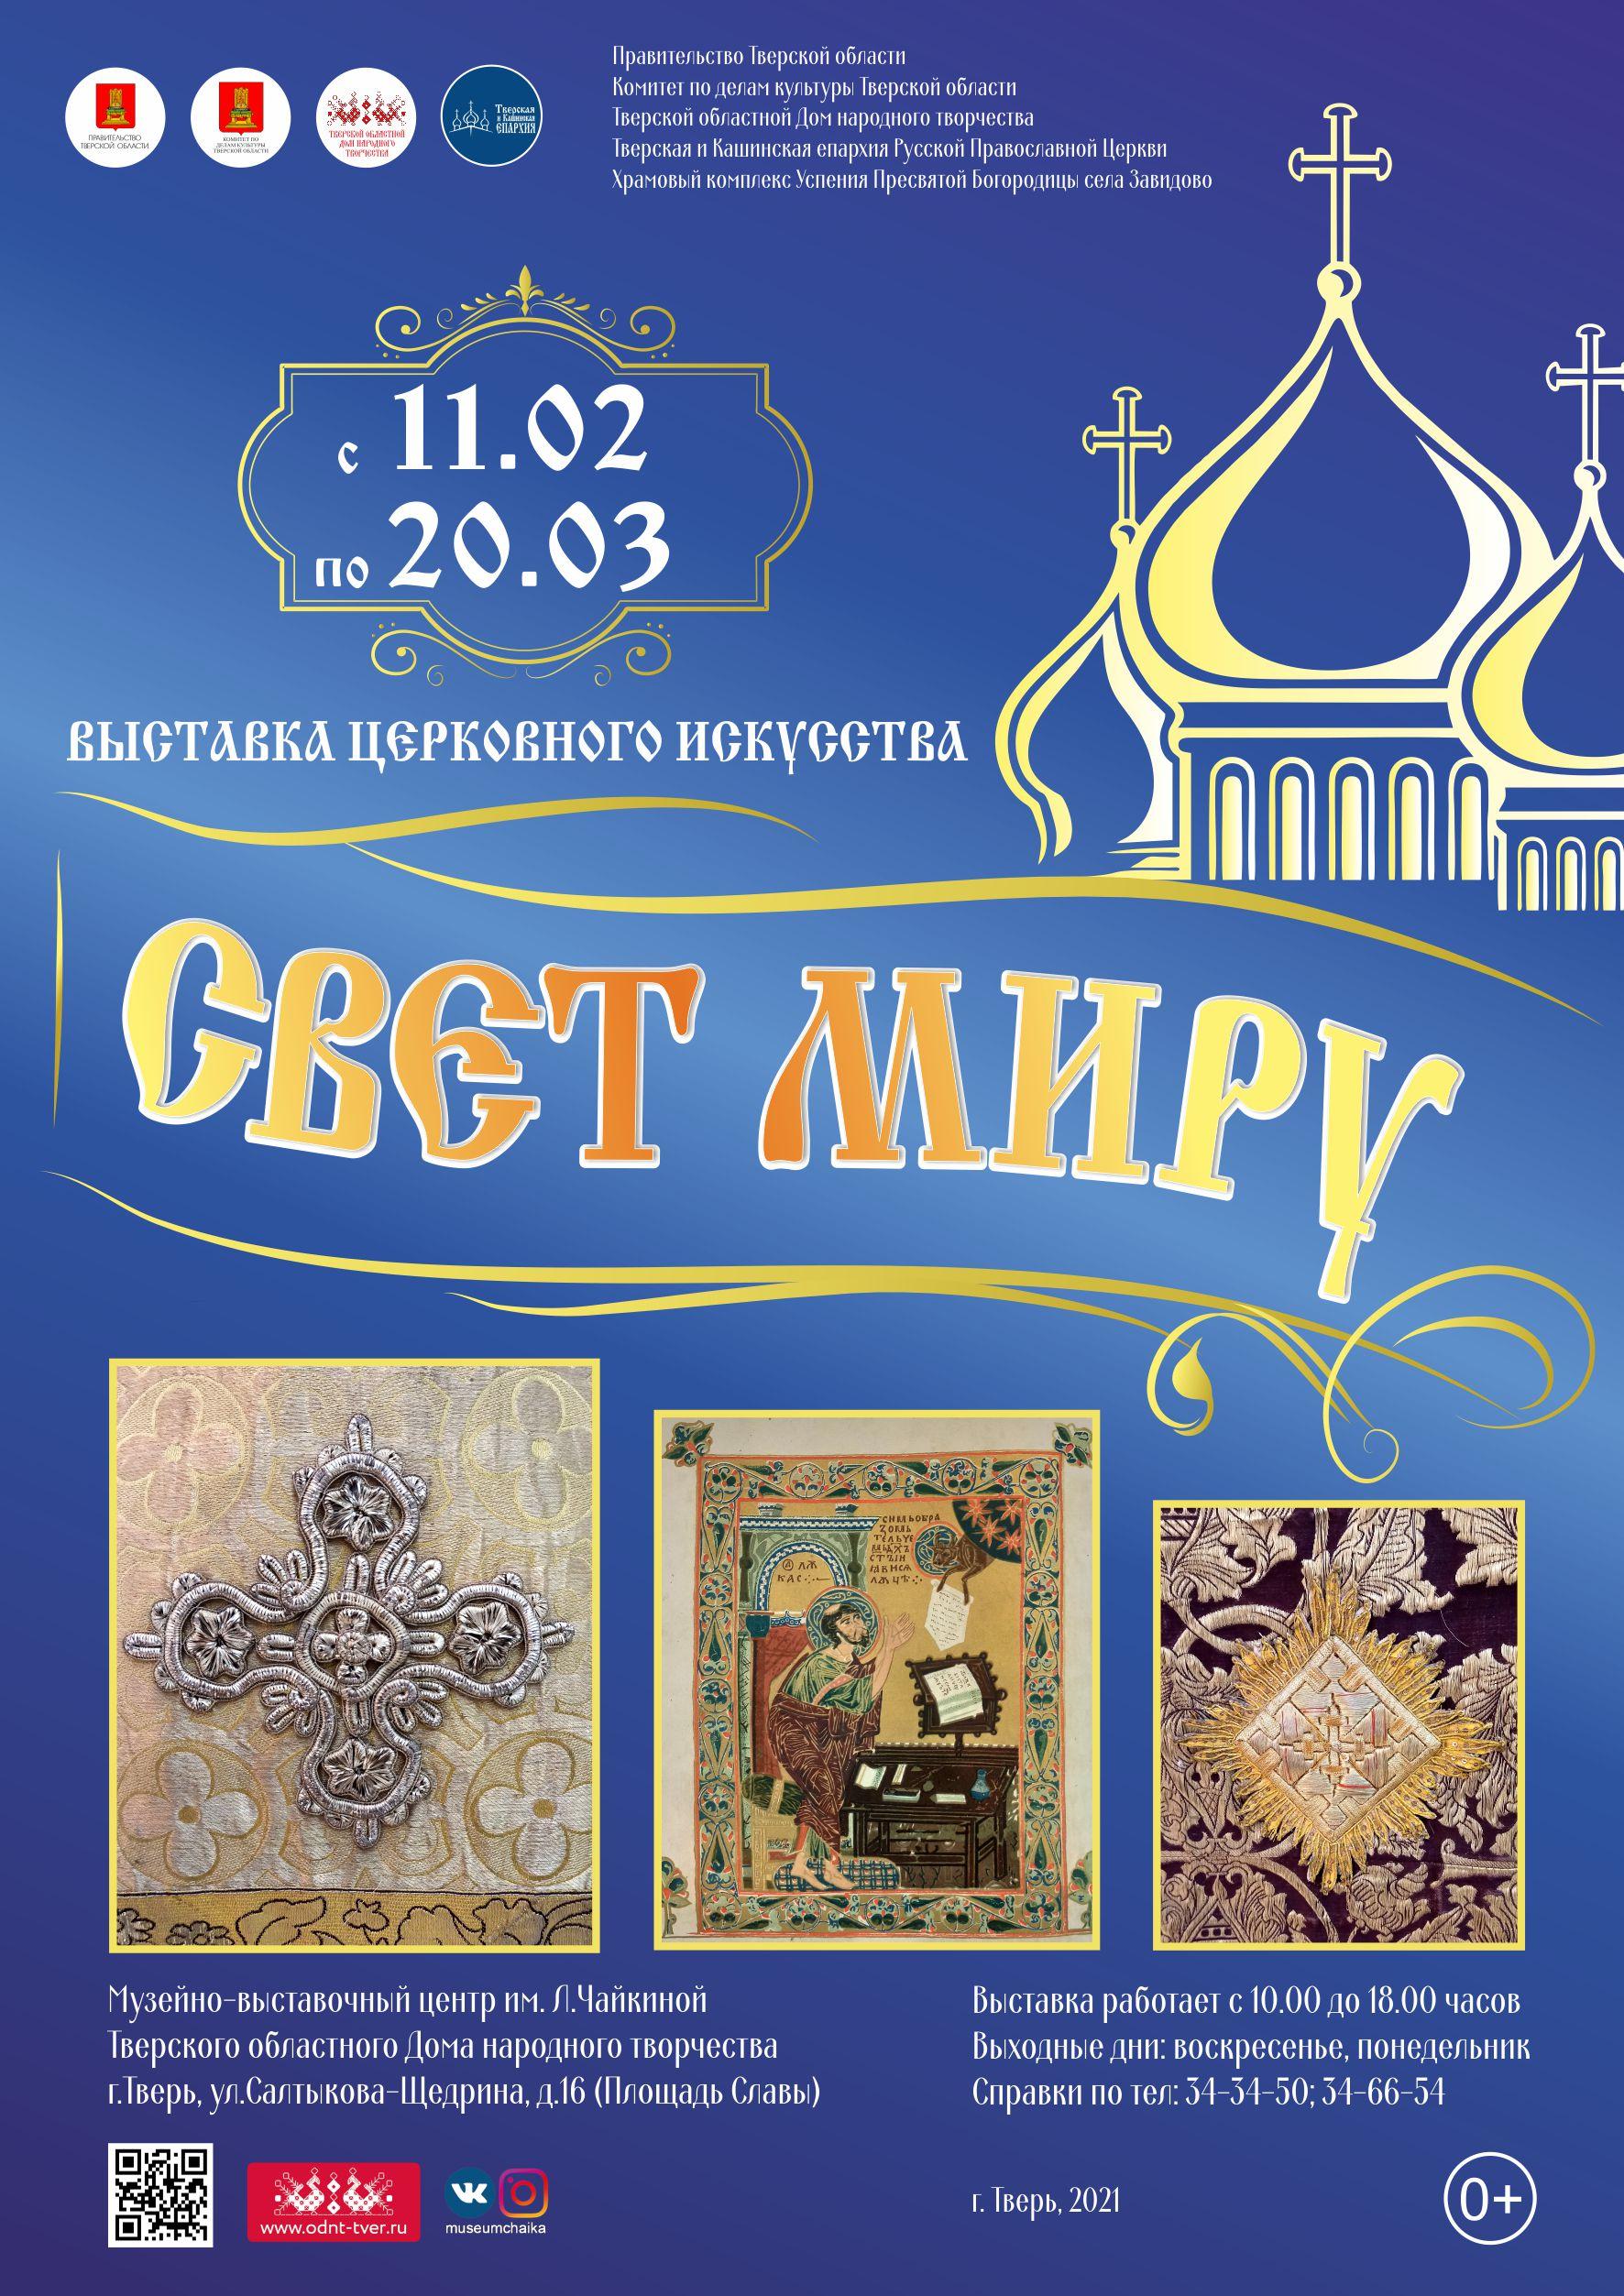 В Твери в Музее Лизы Чайкиной пройдет выставка церковного искусства «Свет миру»